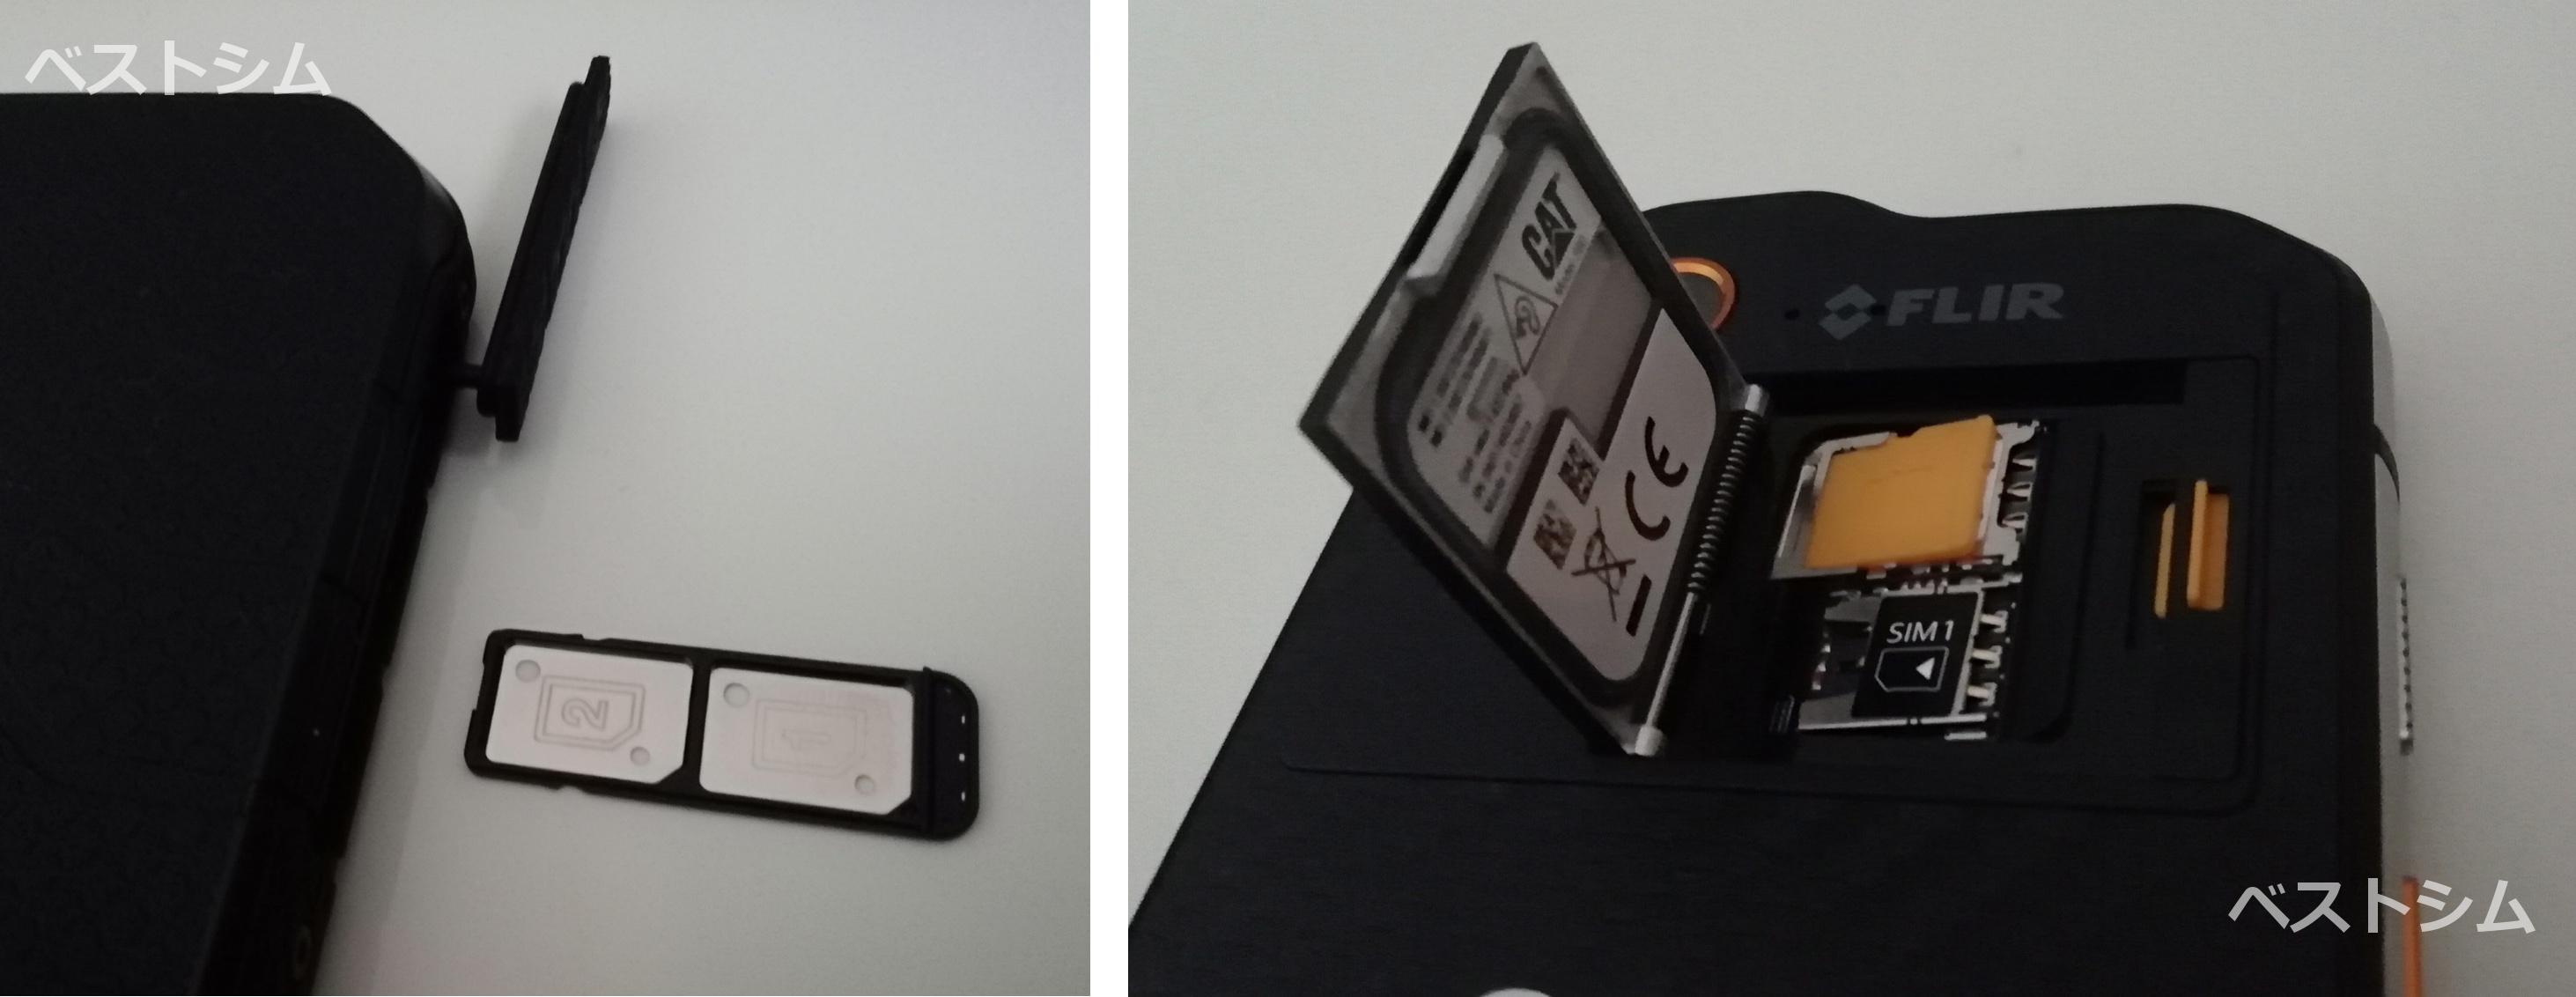 SIMカードスロットの比較(左:S41/右:S60)